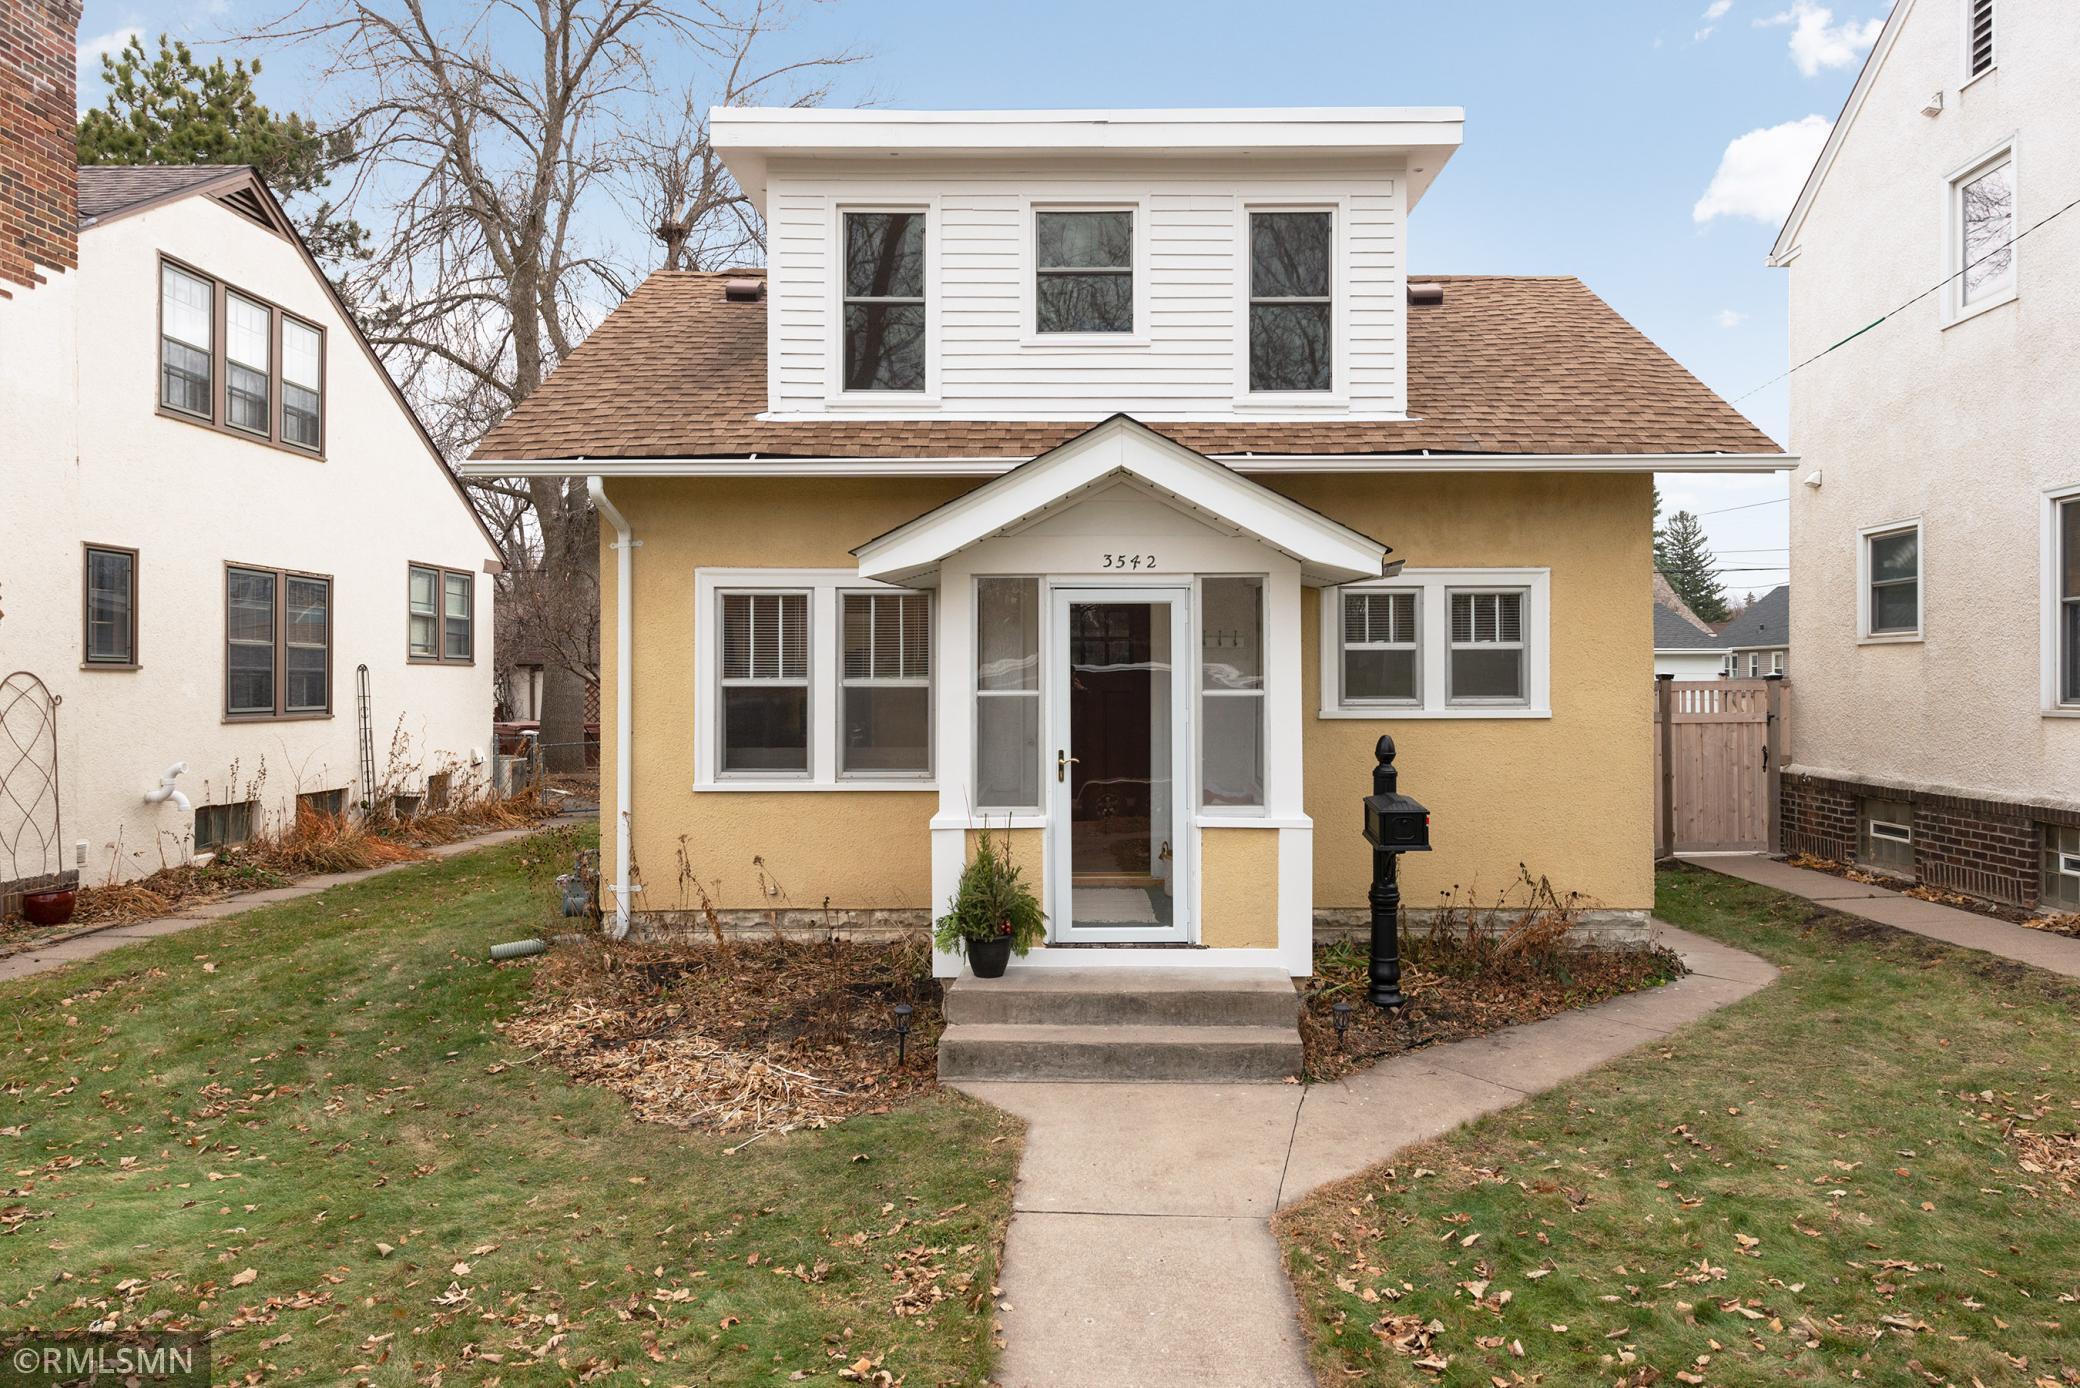 3542 Xerxes Avenue N Property Photo - Minneapolis, MN real estate listing